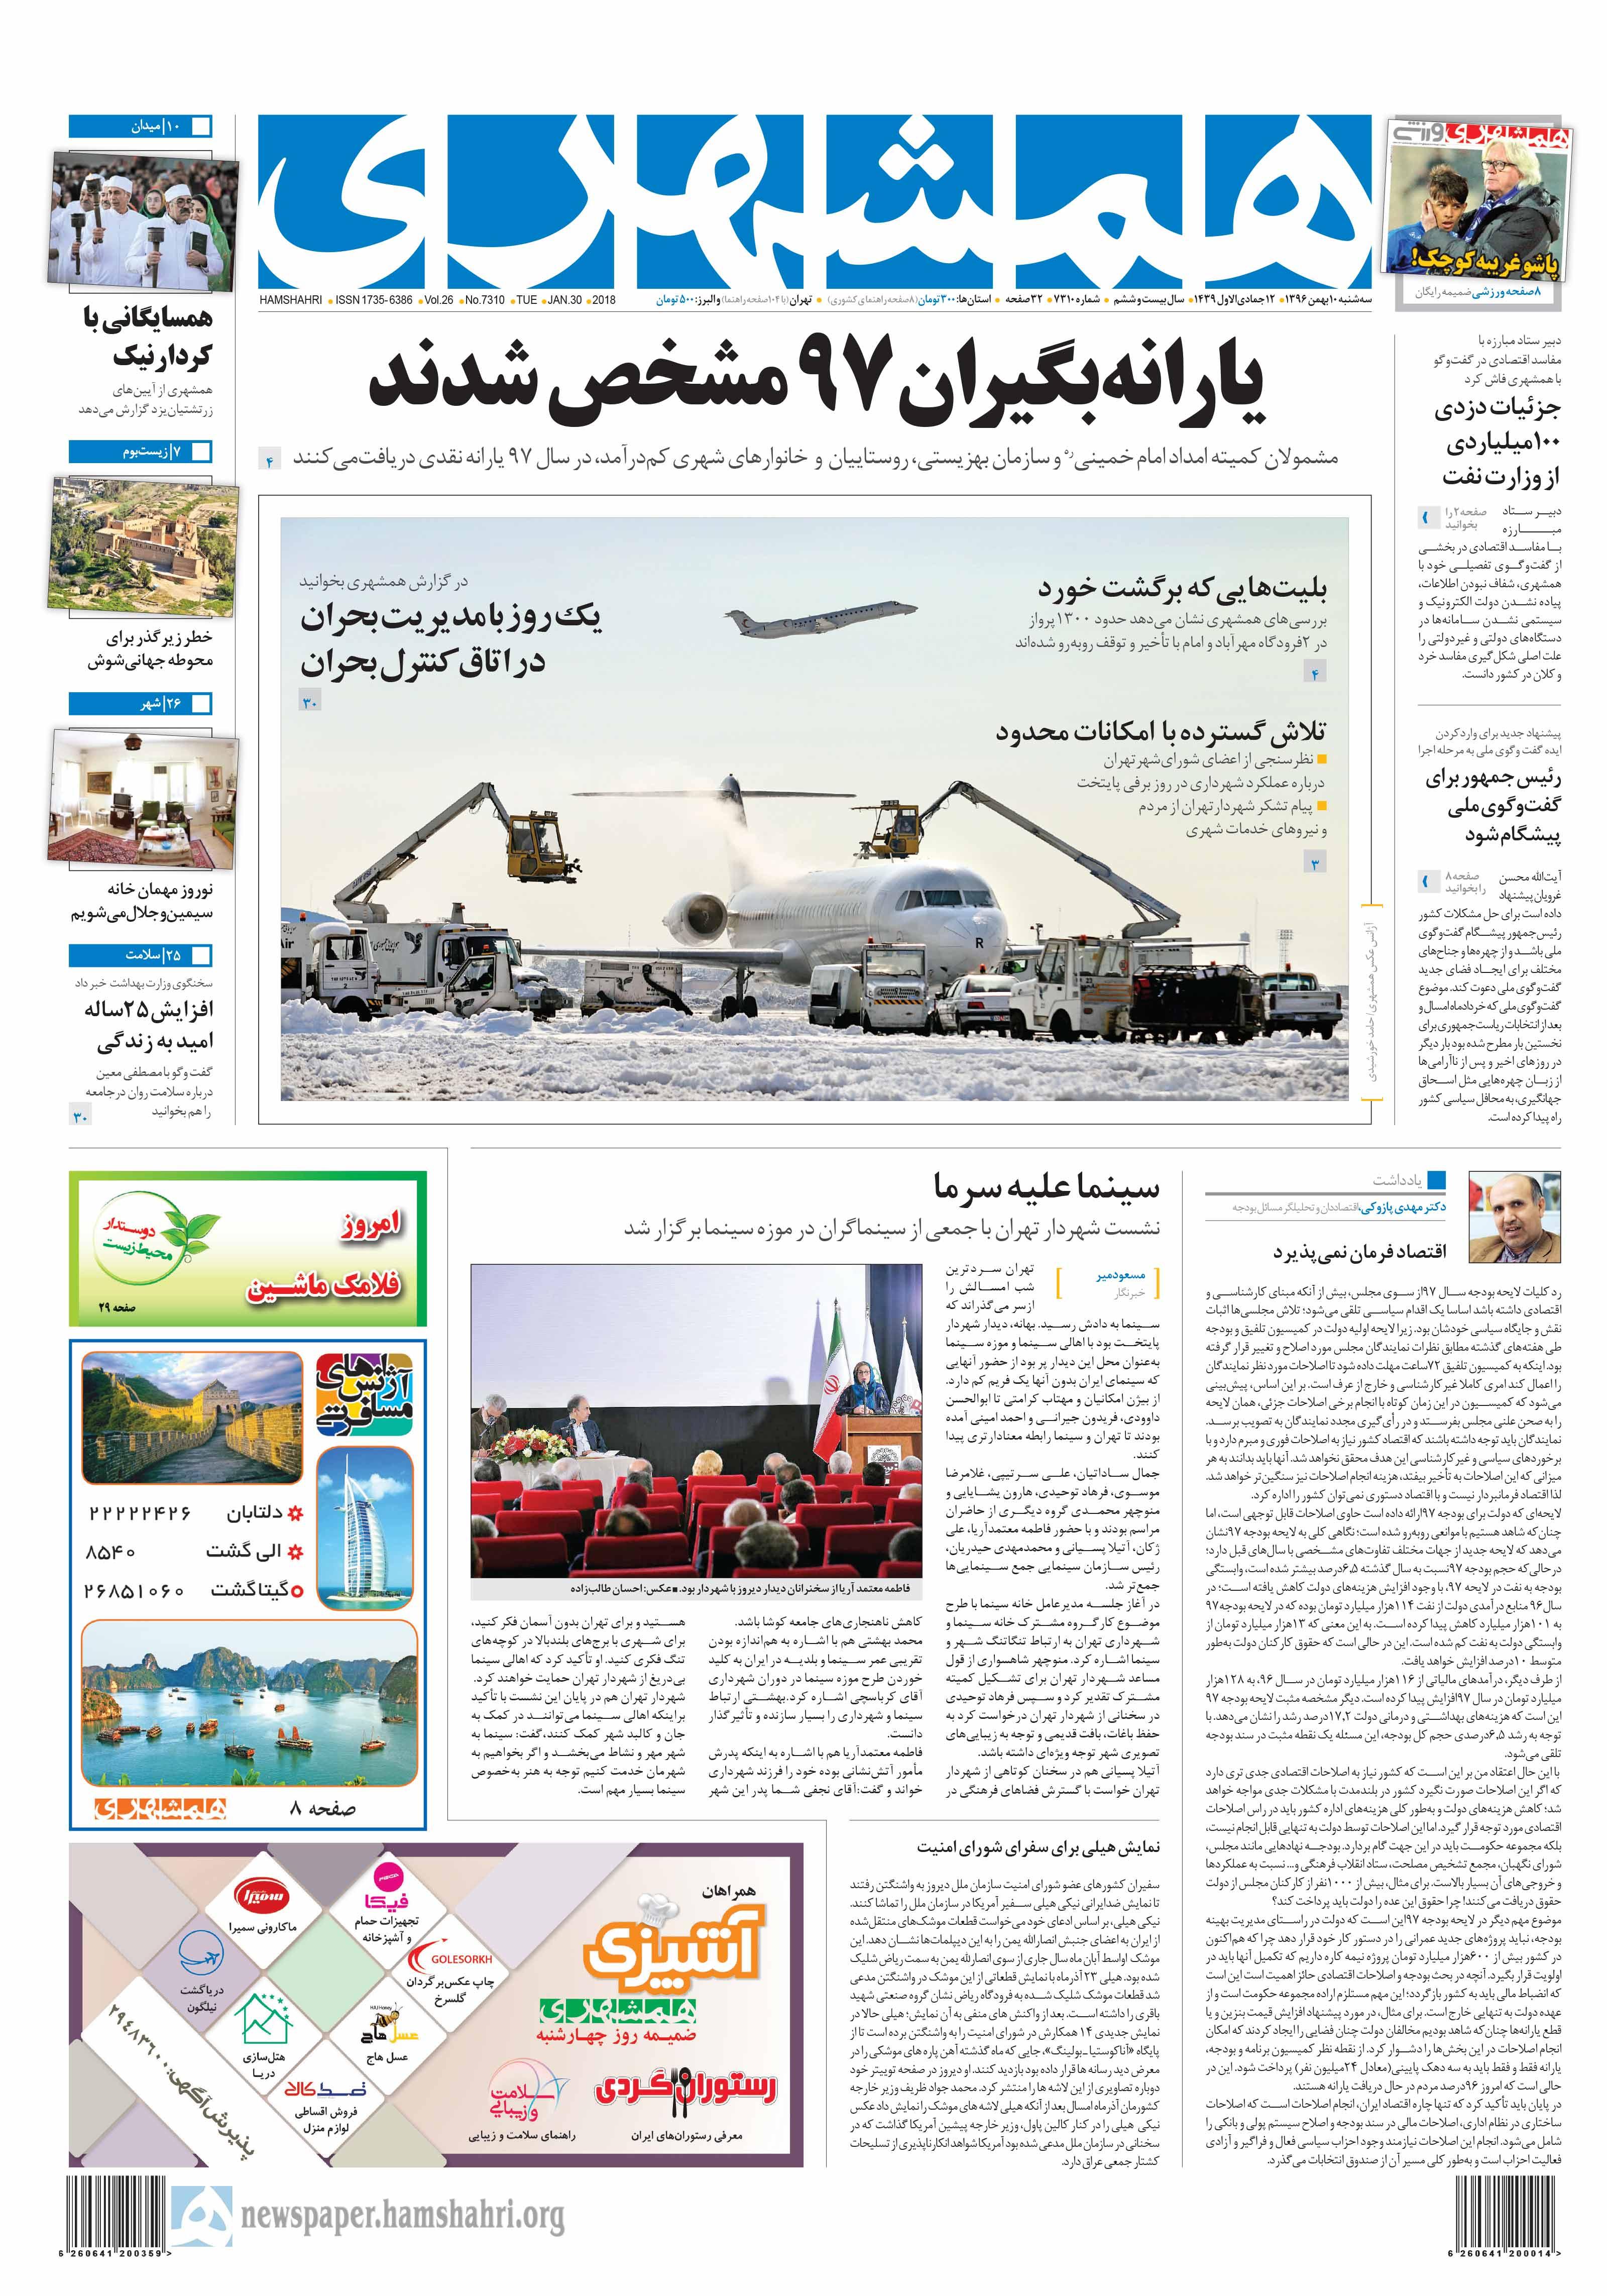 صفحه اول سهشنبه 10 بهمنماه 1396